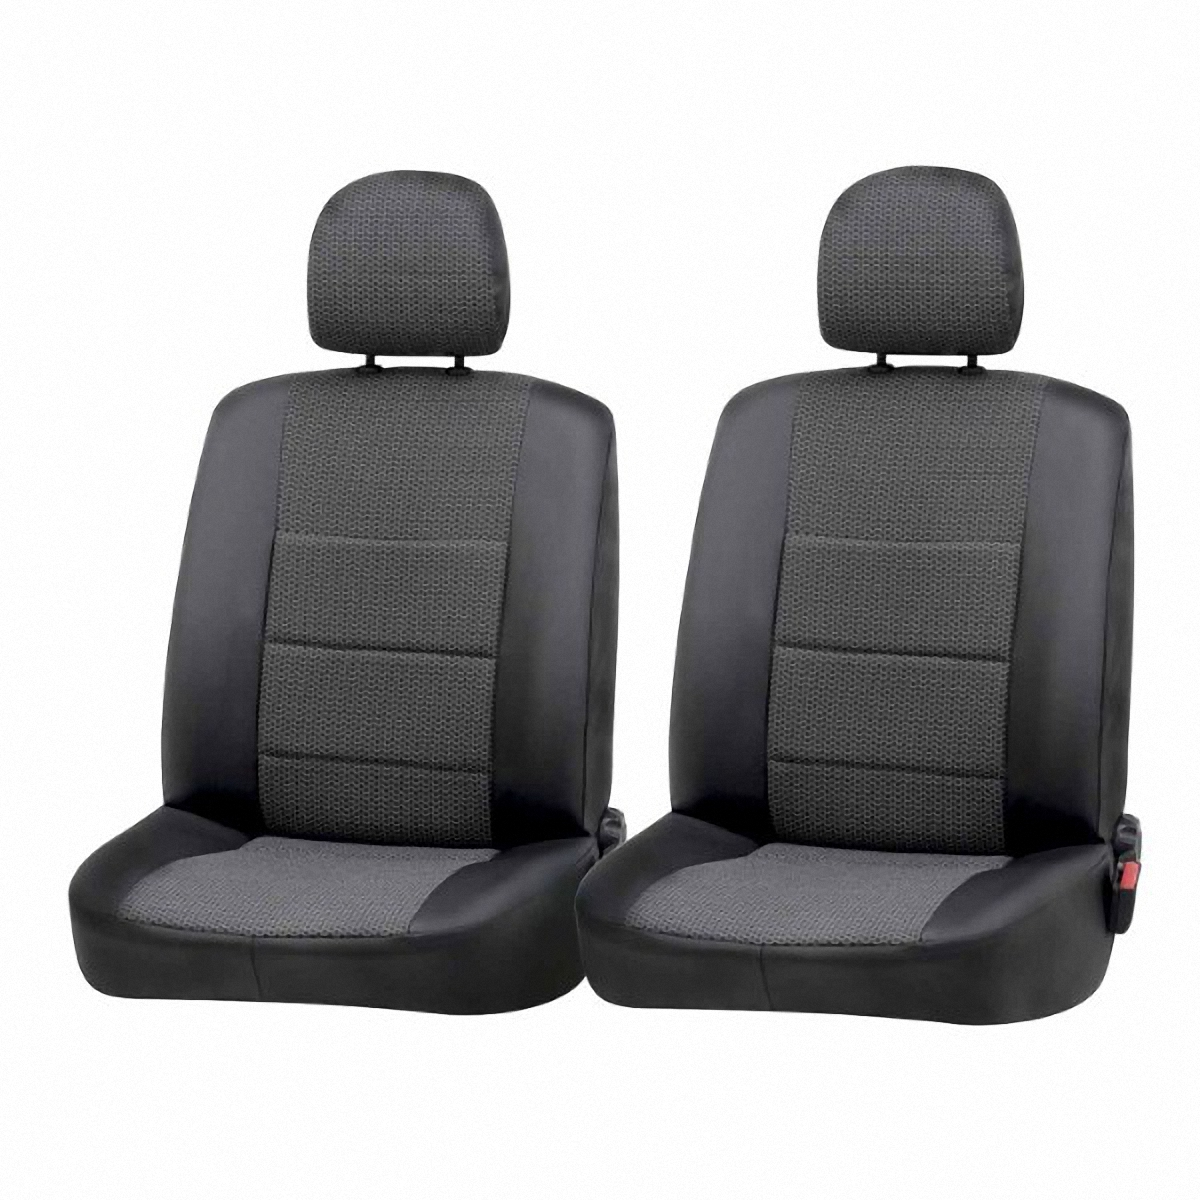 Чехлы автомобильные Skyway, для Chevrolet Niva 2014-, раздельный задний ряд